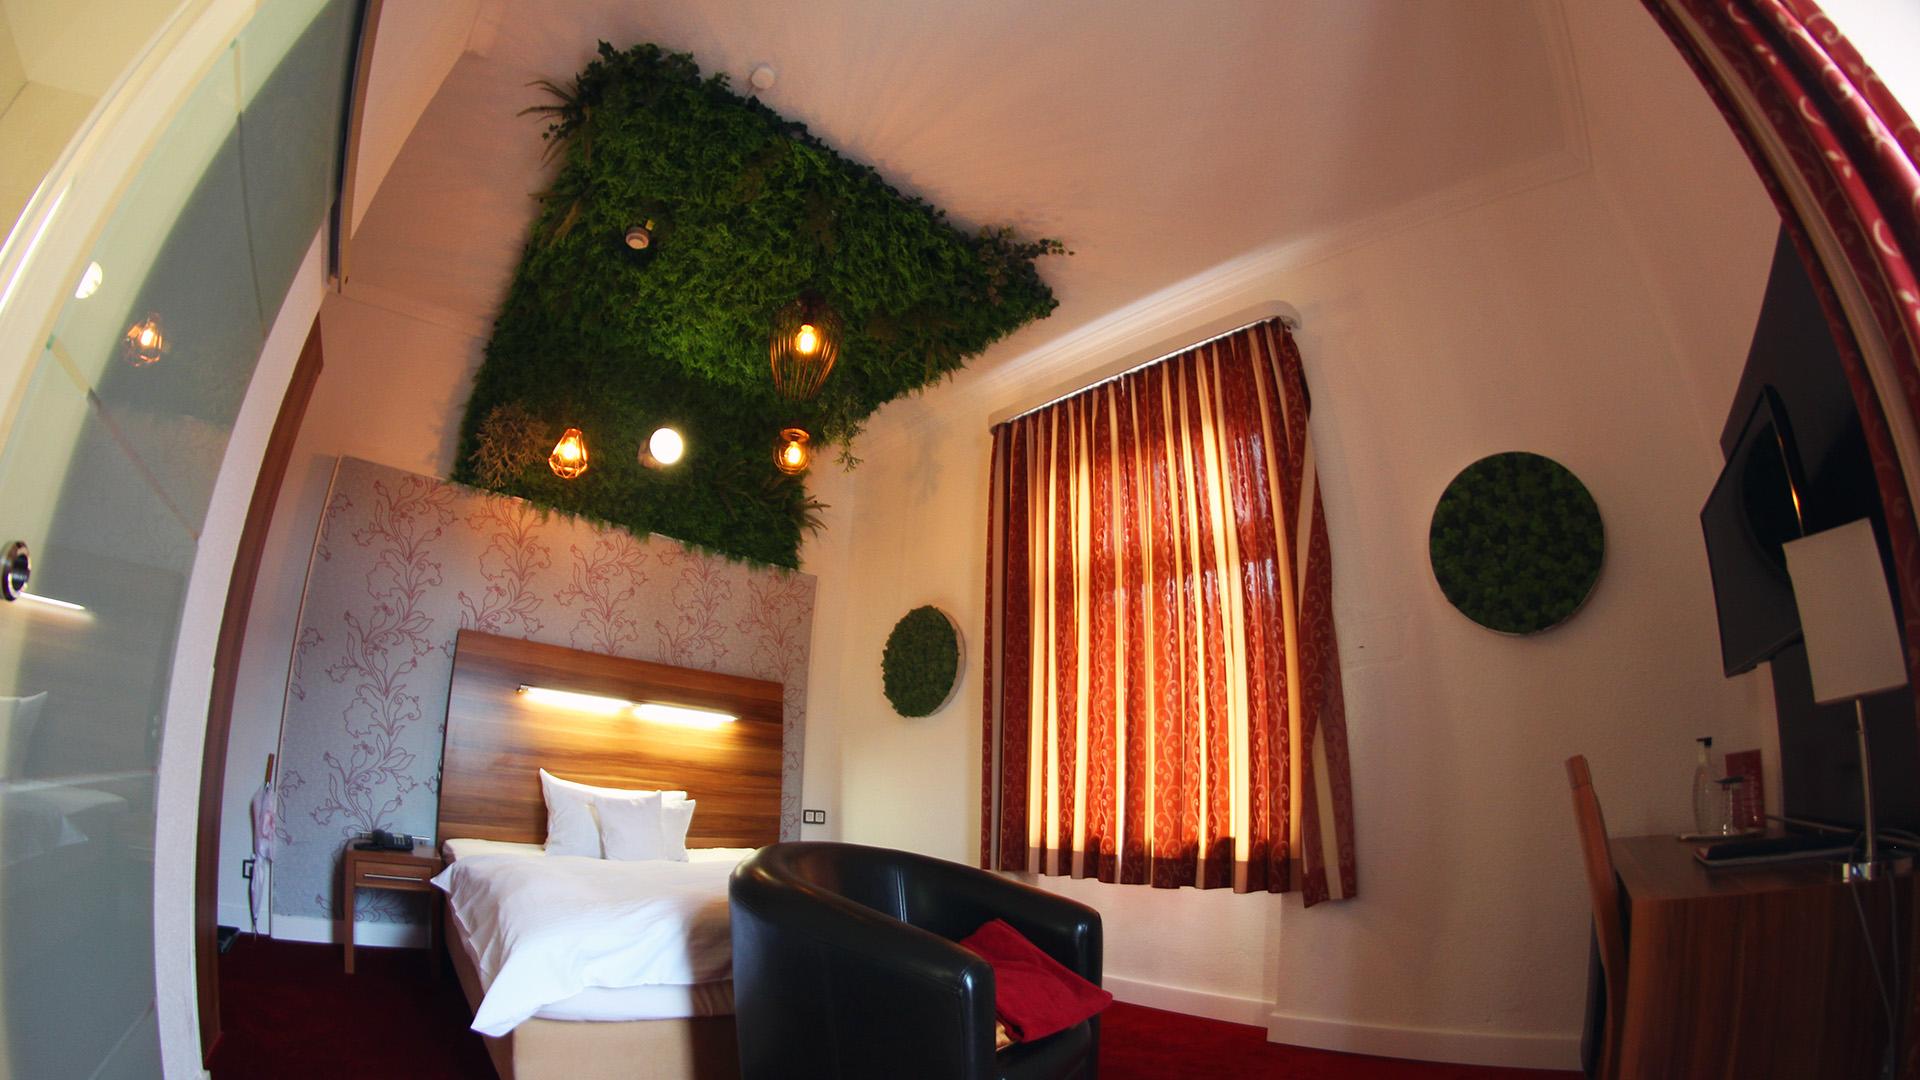 Hotel Almrausch in Bad Reichenhall - Ihr 3 Sterne Hotel im Süden Bayerns - Zimmer Einzelzimmer Komfort 7 Innenaufnahme